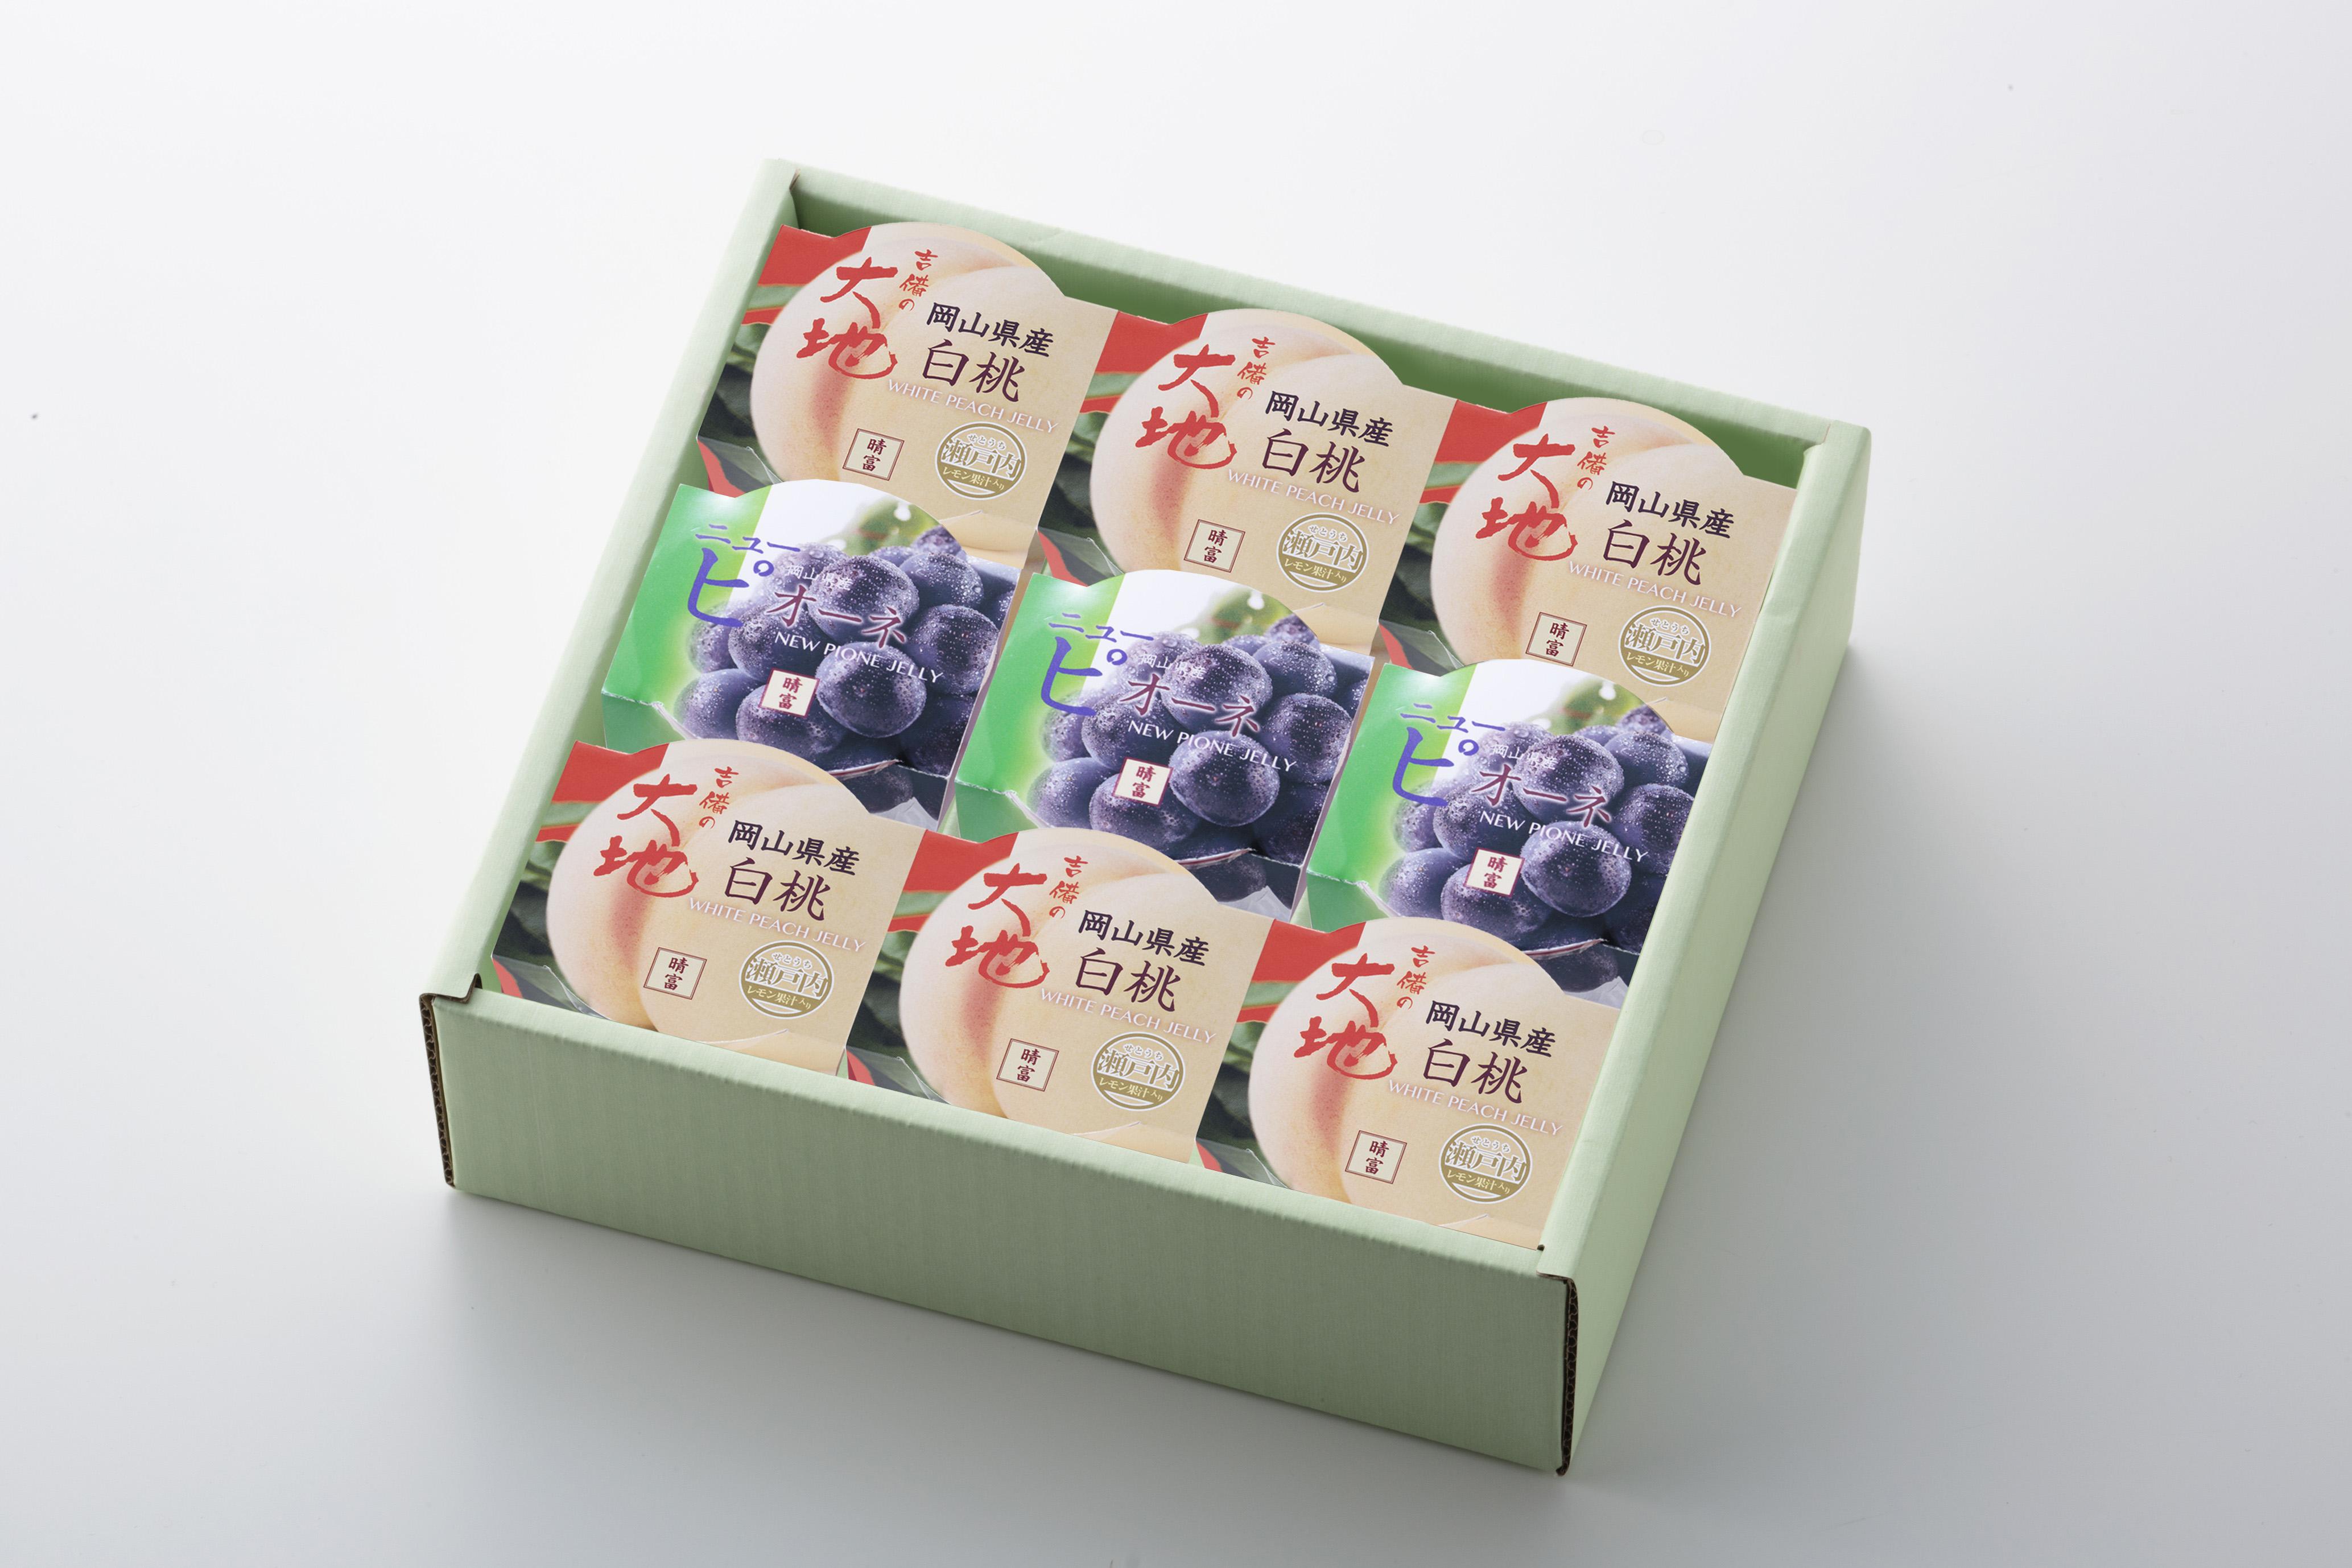 【岡山県】岡山産フルーツゼリー9個セット(白桃6個・ニューピオーネ3個)【産地直送・同梱不可・ギフト可】